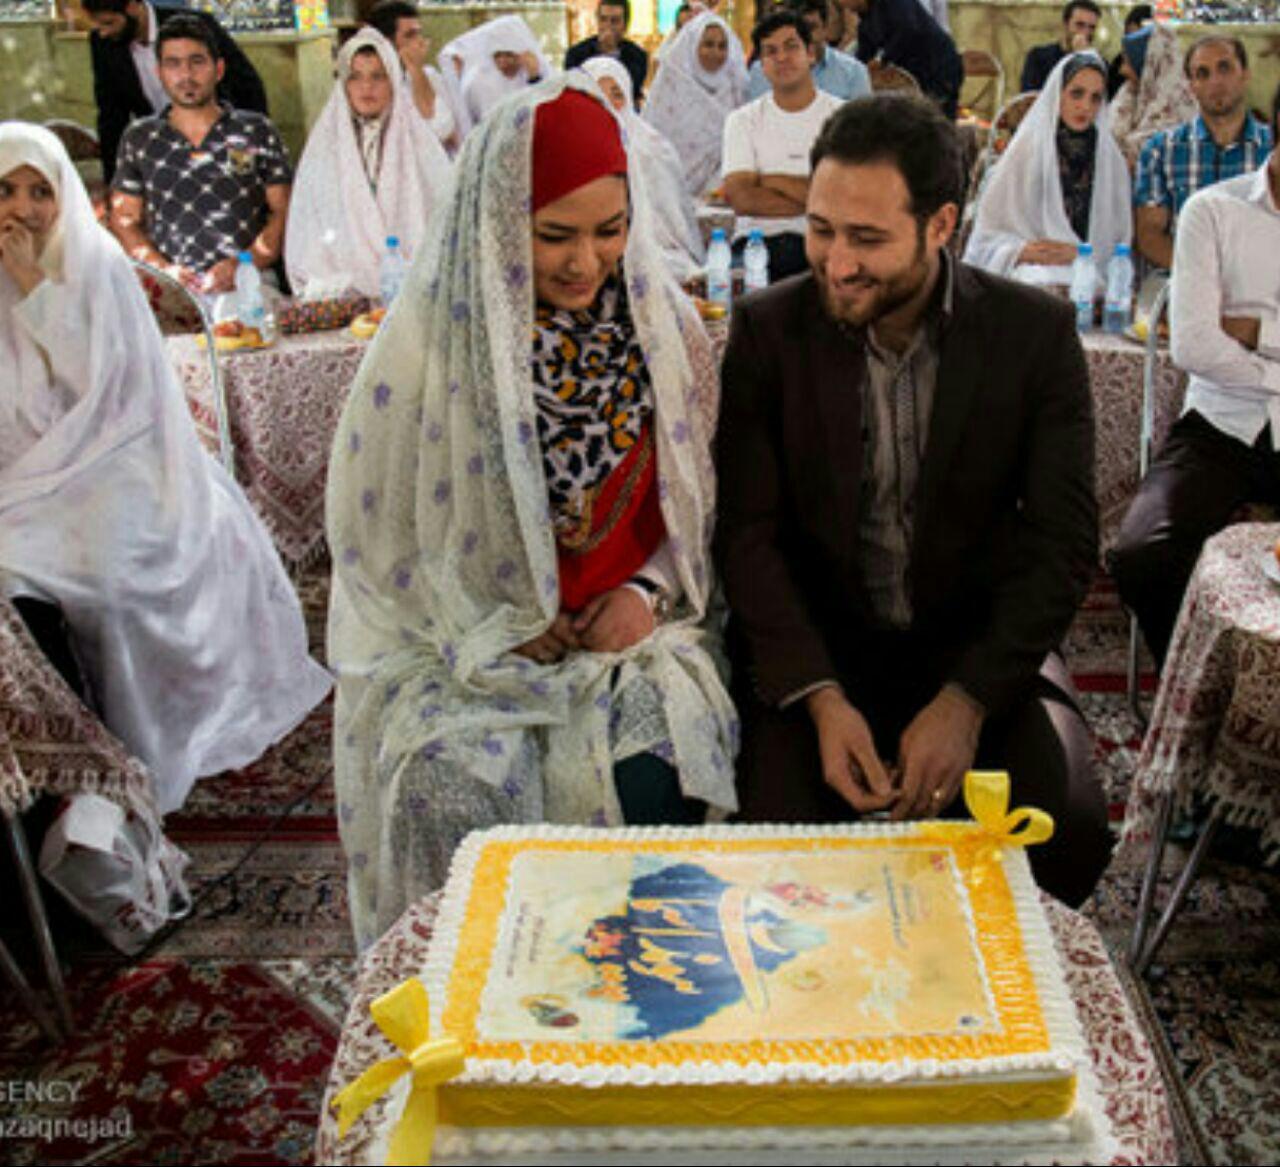 مراسم ازدواج آسان بیش از ۲۱۰ زوج جوان در کاشمر برگزارشد